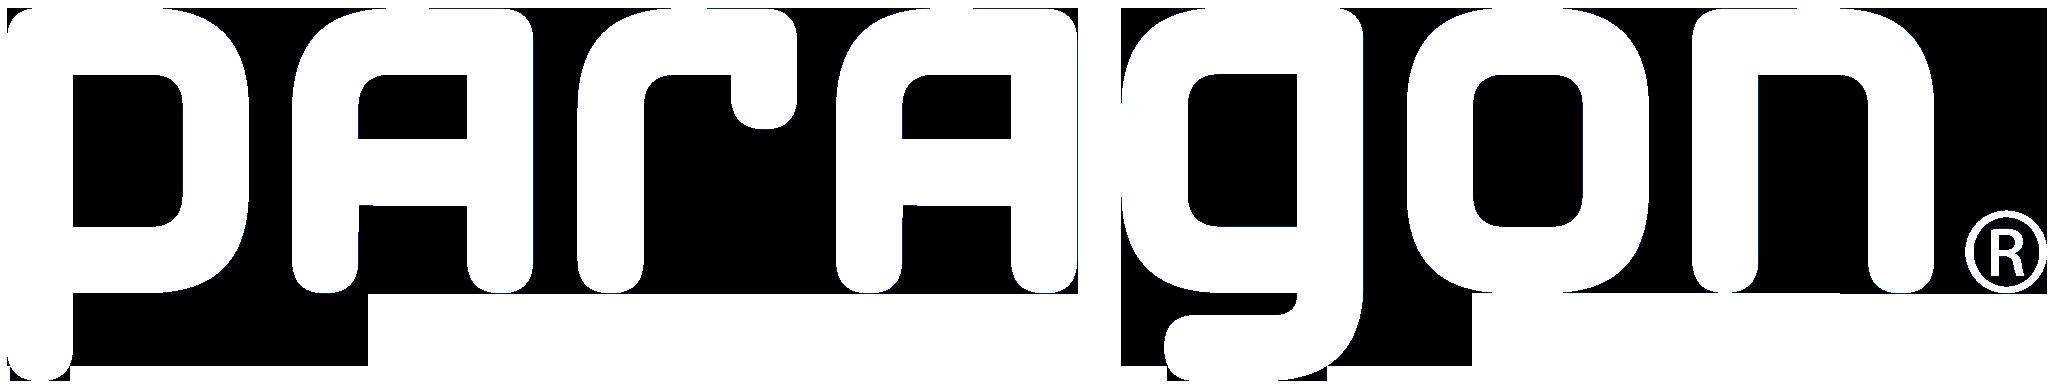 paragon-logo-new